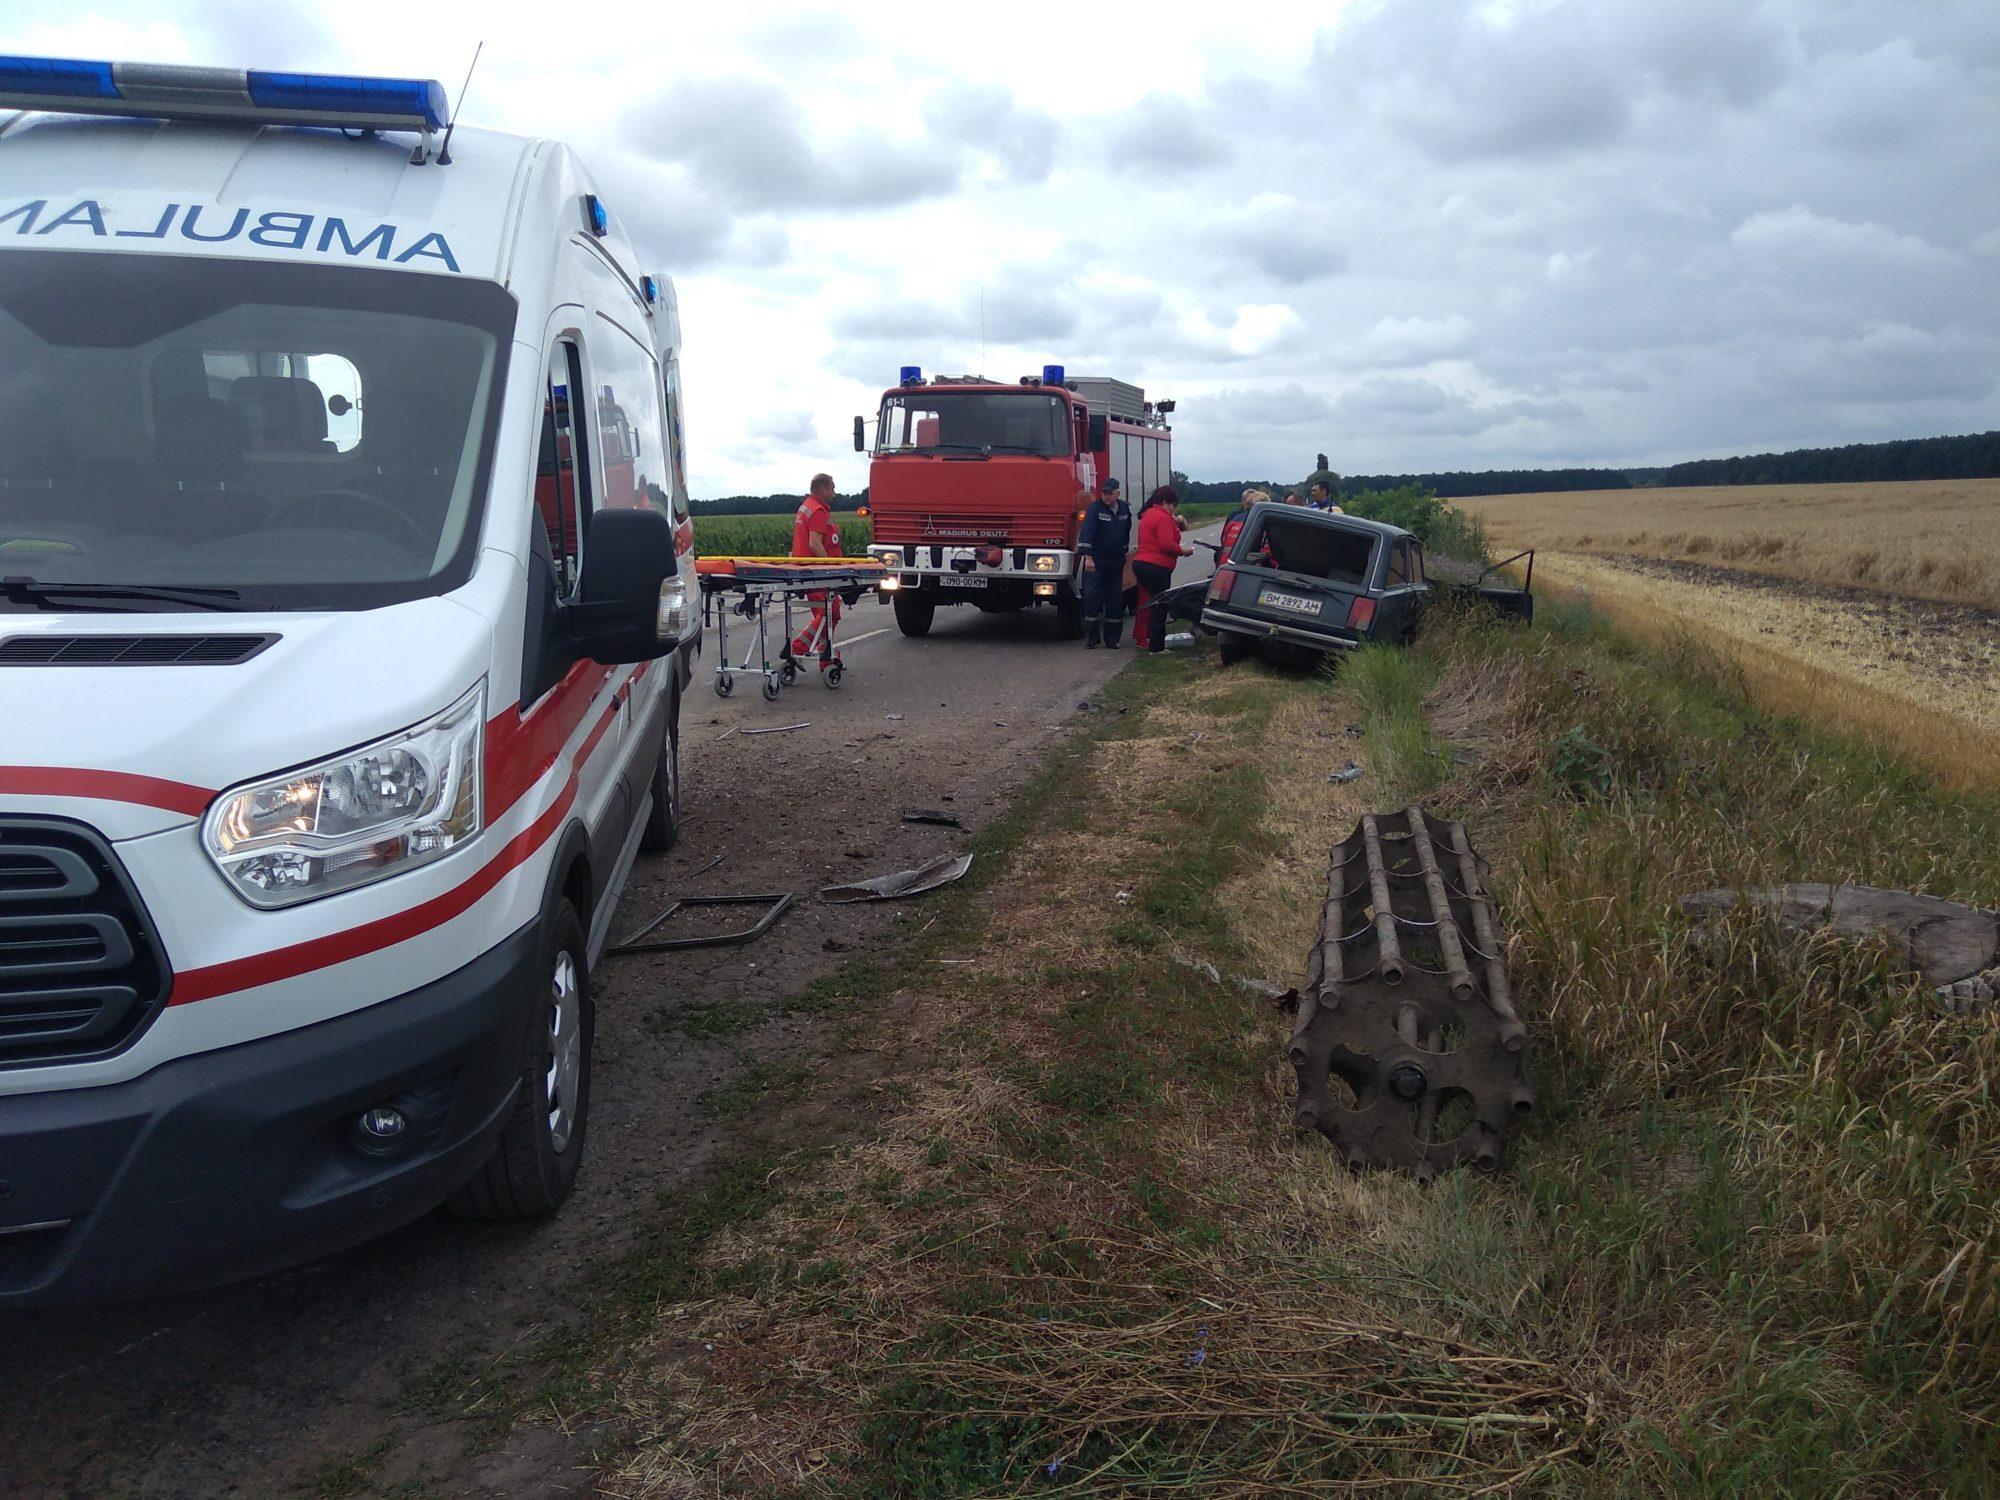 IMG_20190710_115356-2000x1500 У Баришівському районі «ВАЗ 2104» зіткнувся із трактором